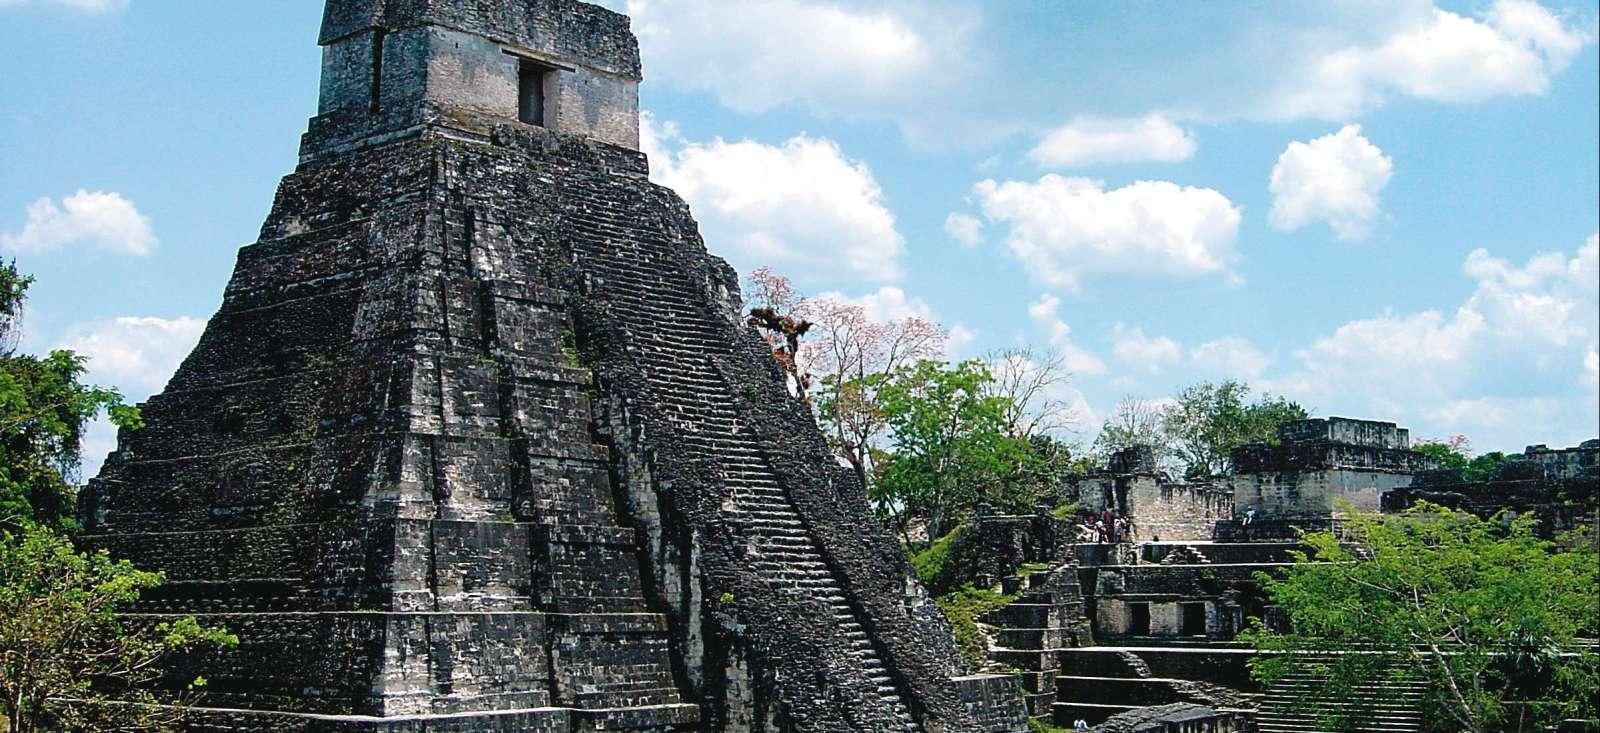 Voyage à pied Guatemala : Balade en pays maya